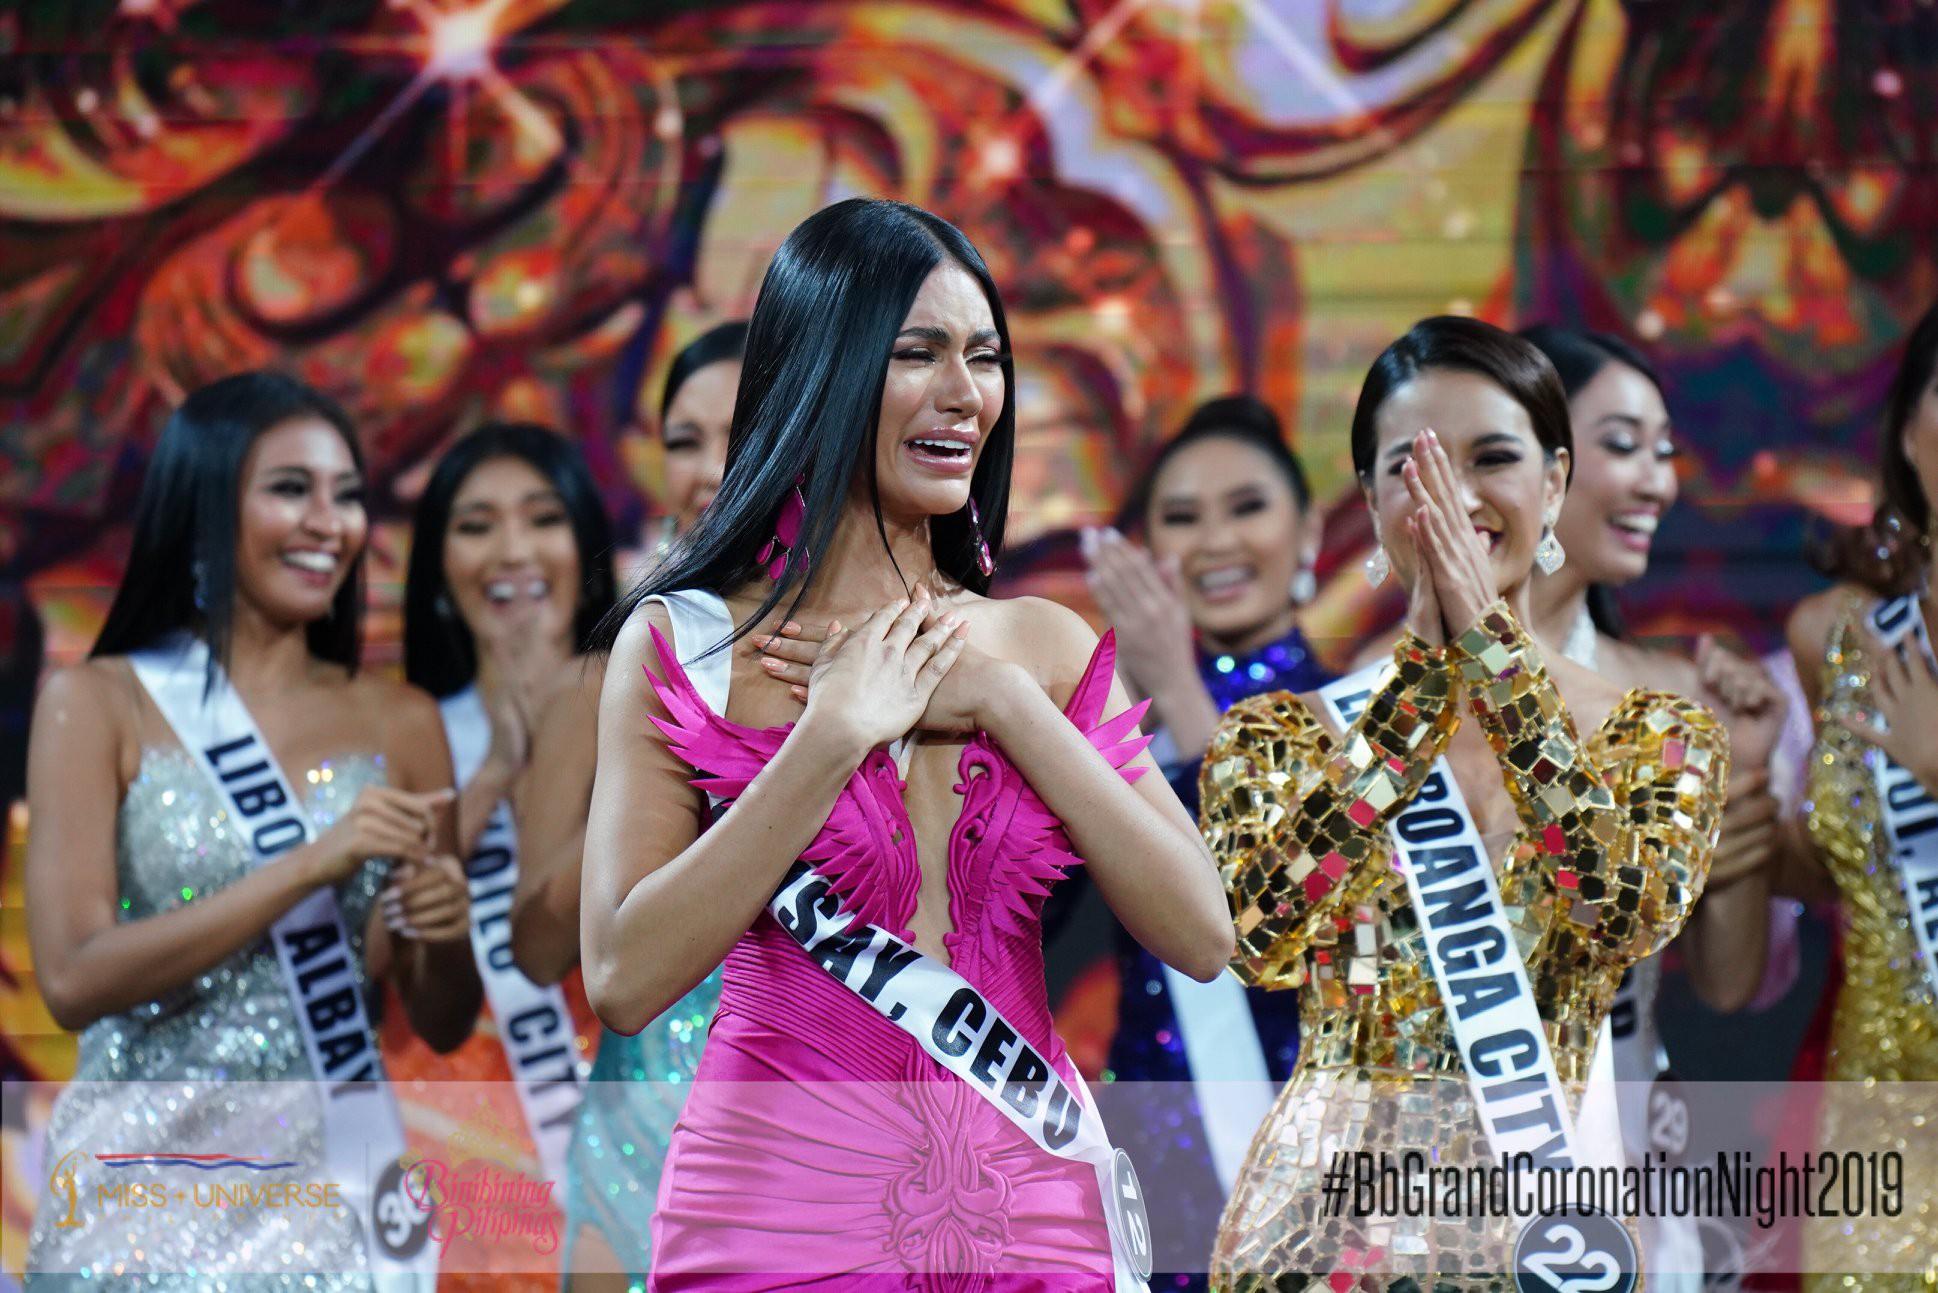 Hoa hậu Hoàn vũ Philippines 2019 lộ diện, được dự đoán tiếp tục gây sốt tại Miss Universe  - Ảnh 2.